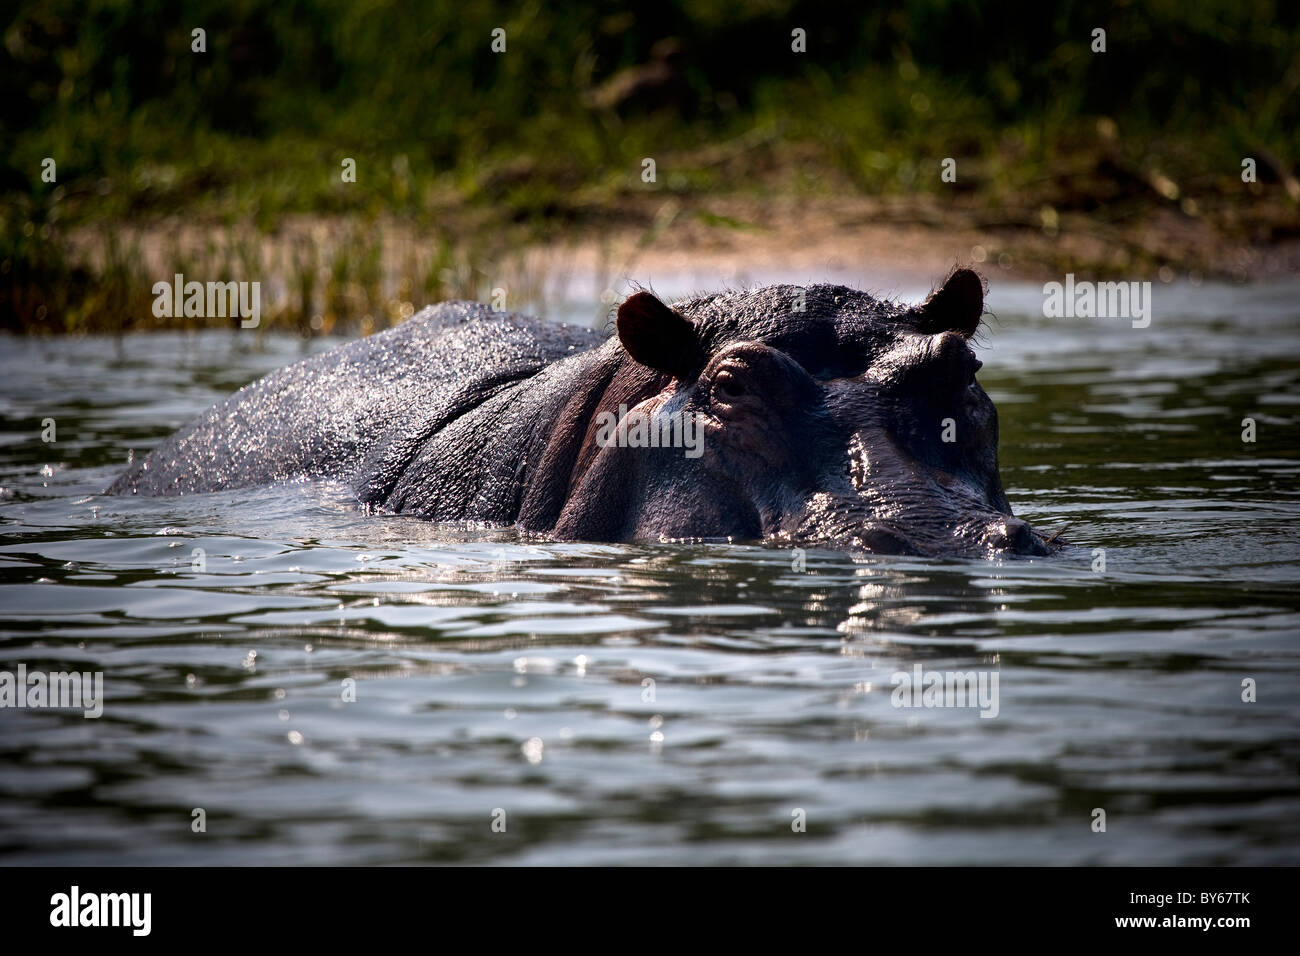 Hipopótamos, canal Kasinga, el Parque Nacional Queen Elizabeth, Uganda, África Oriental Imagen De Stock